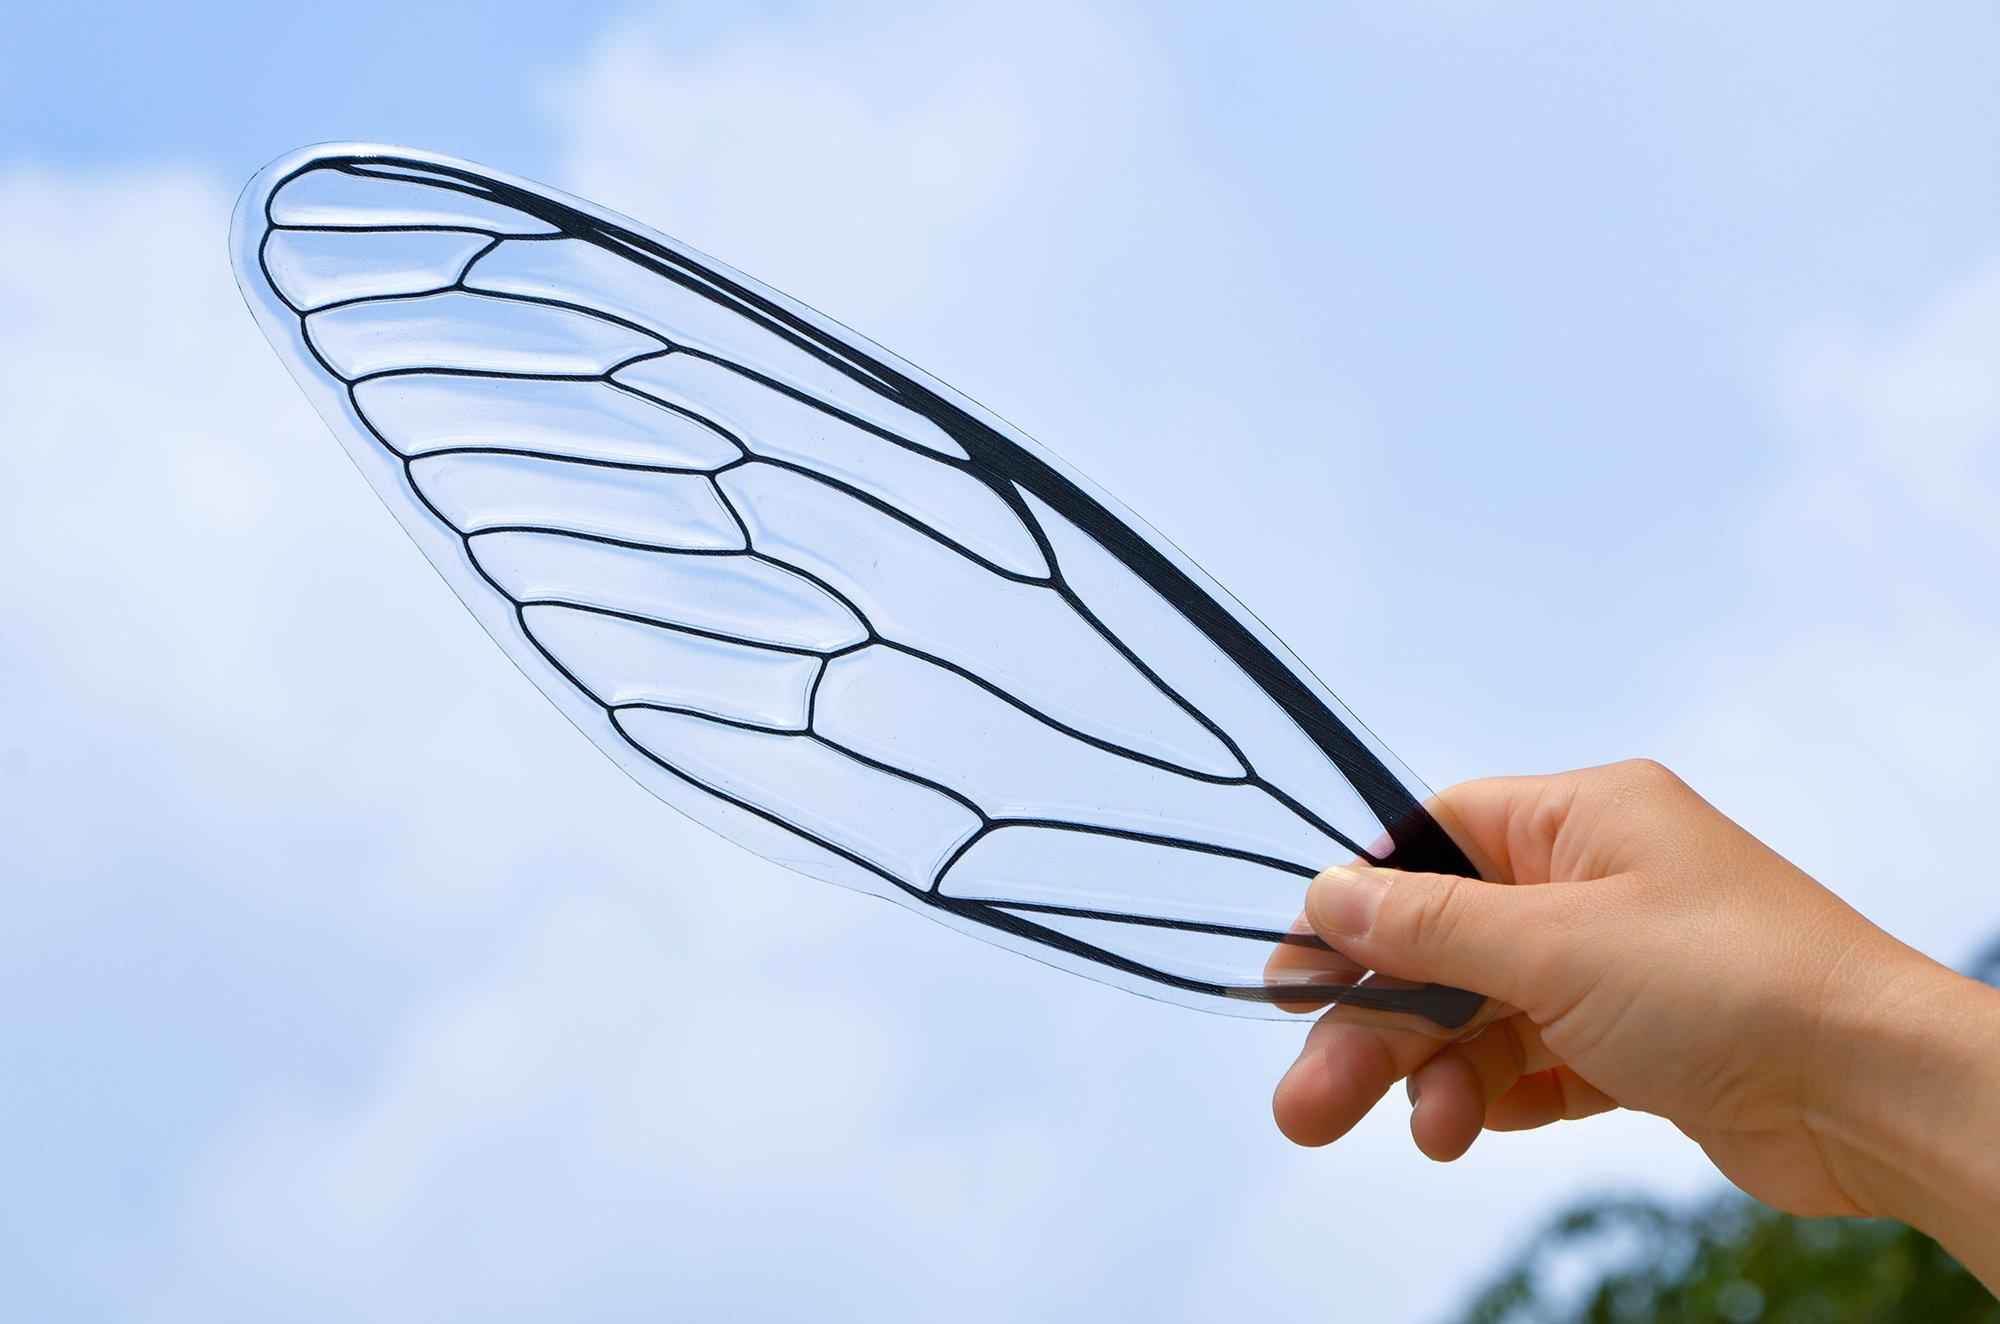 セミの翅の形をしたうちわ!?薄くてきれいに透き通っているのに耐久性もある!